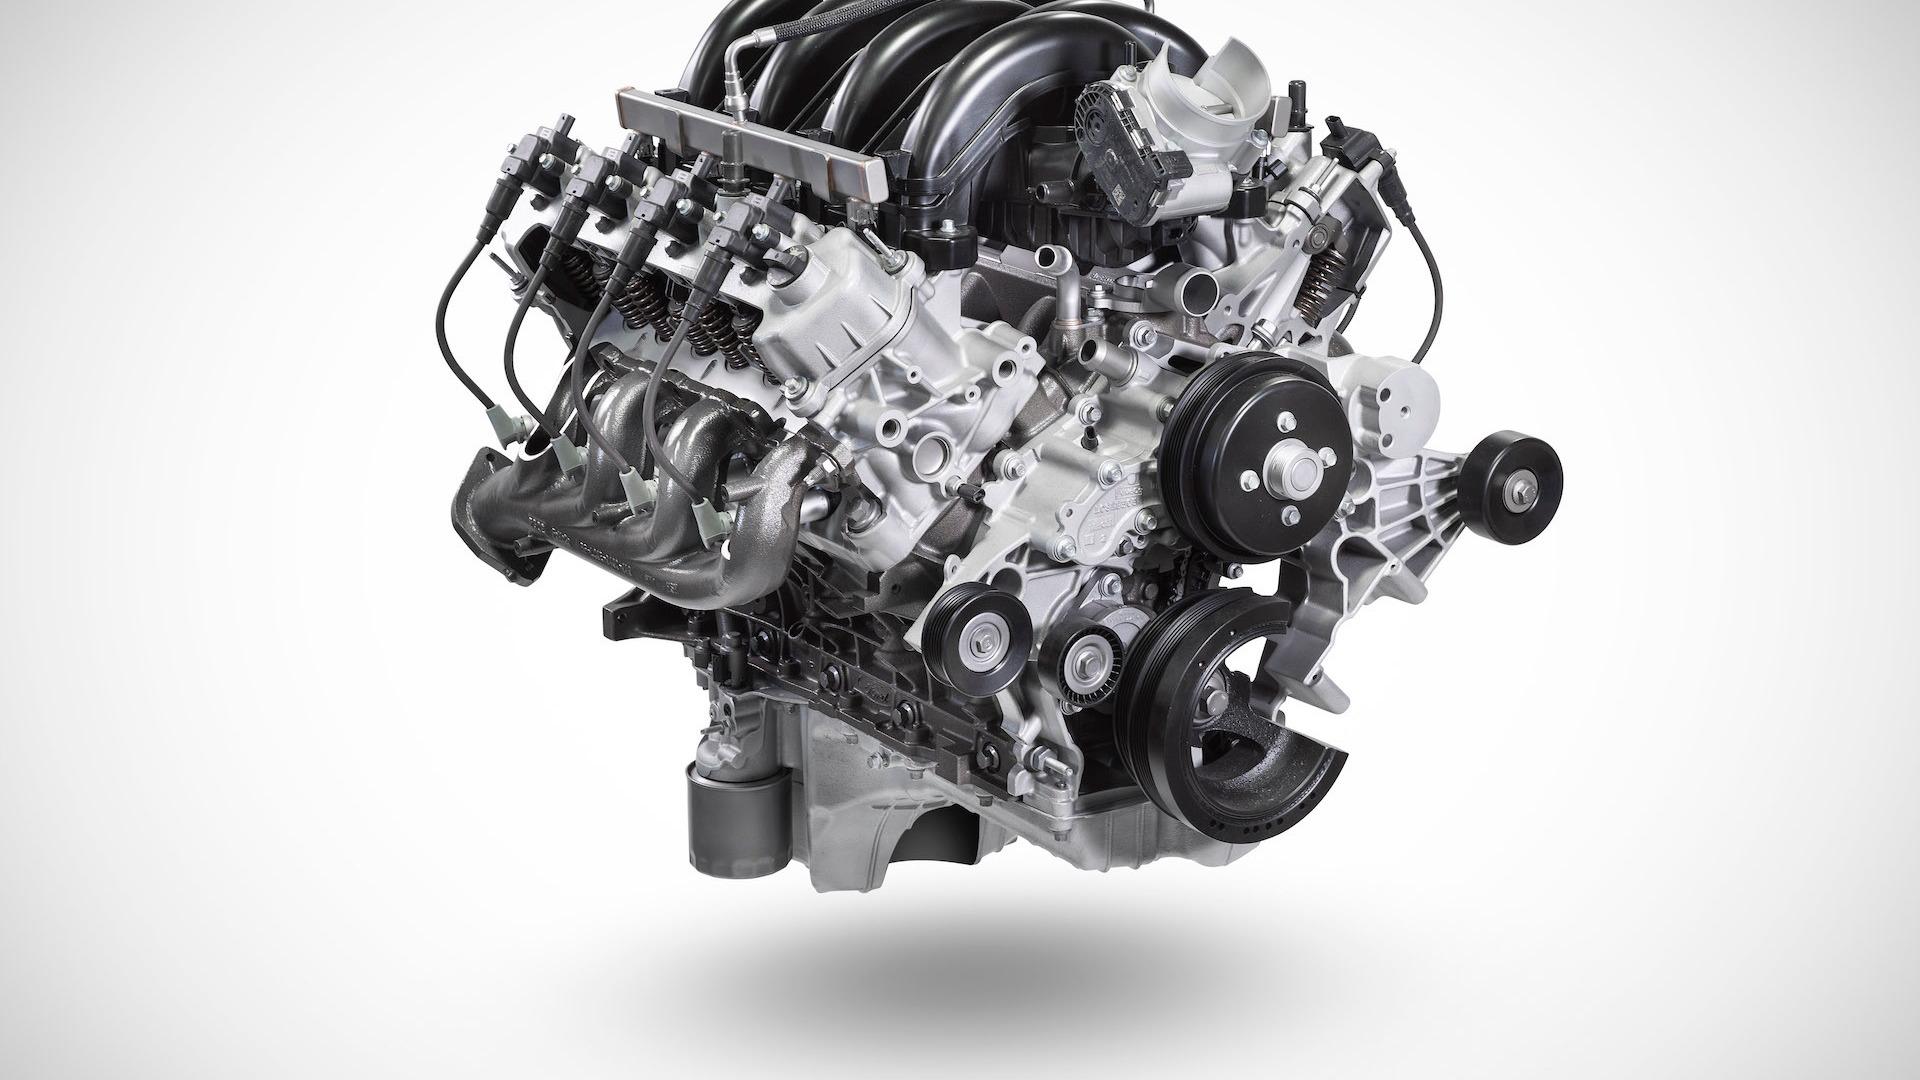 Ford 7.3-liter V-8